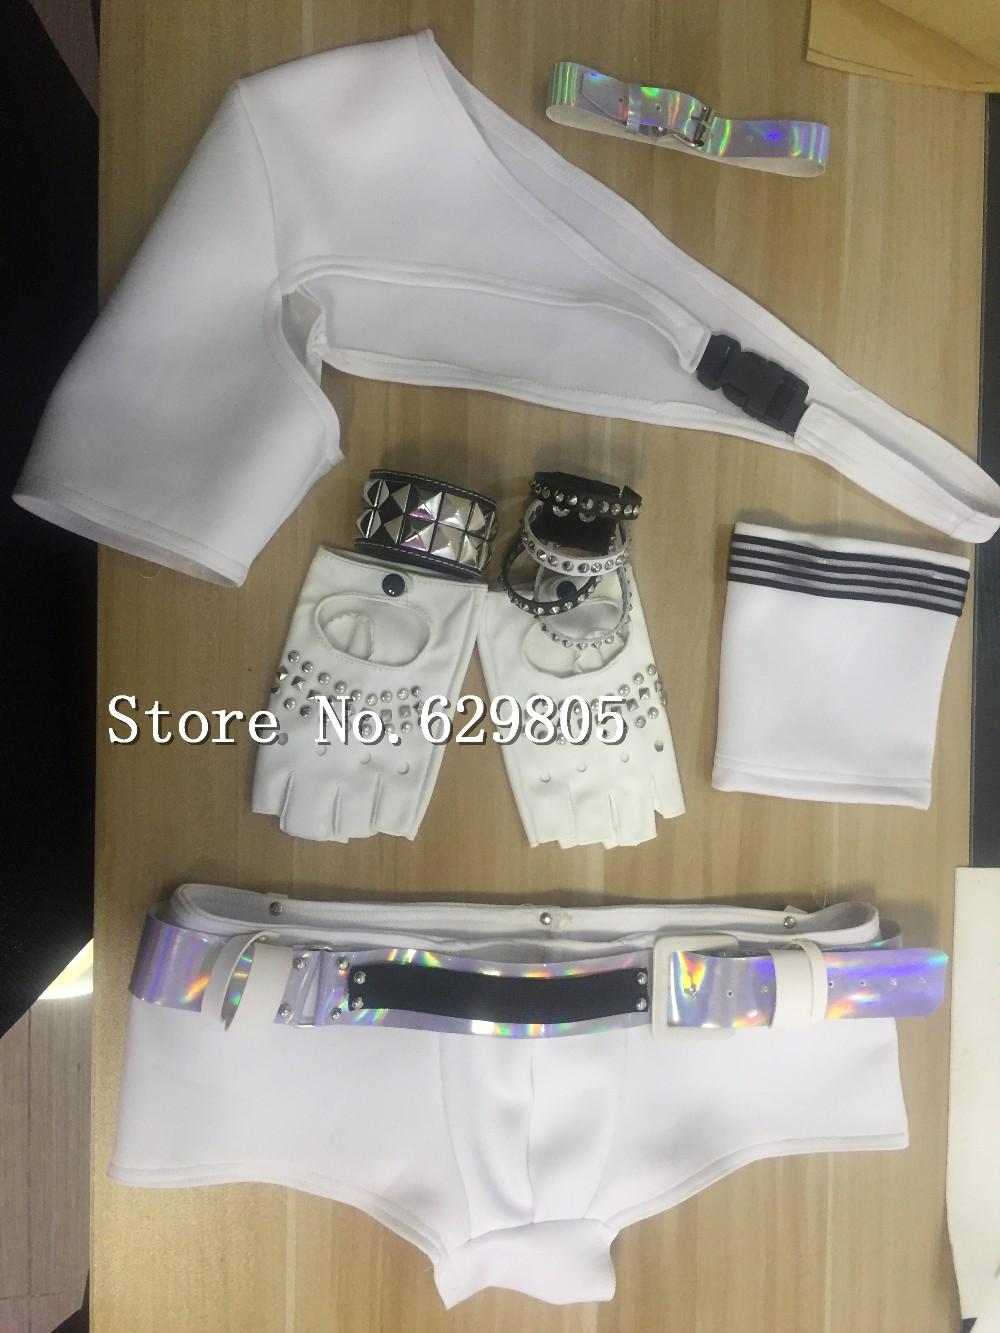 542521c3342fa6 US $58.0 |Männer Sex Ds Kostüm Sexy Männlichen Kleidung Weiße Unterwäsche  Set Nachtclub Zeigen Bar Kleidung Set Party Leistung Tanz Cosplay kleid ...